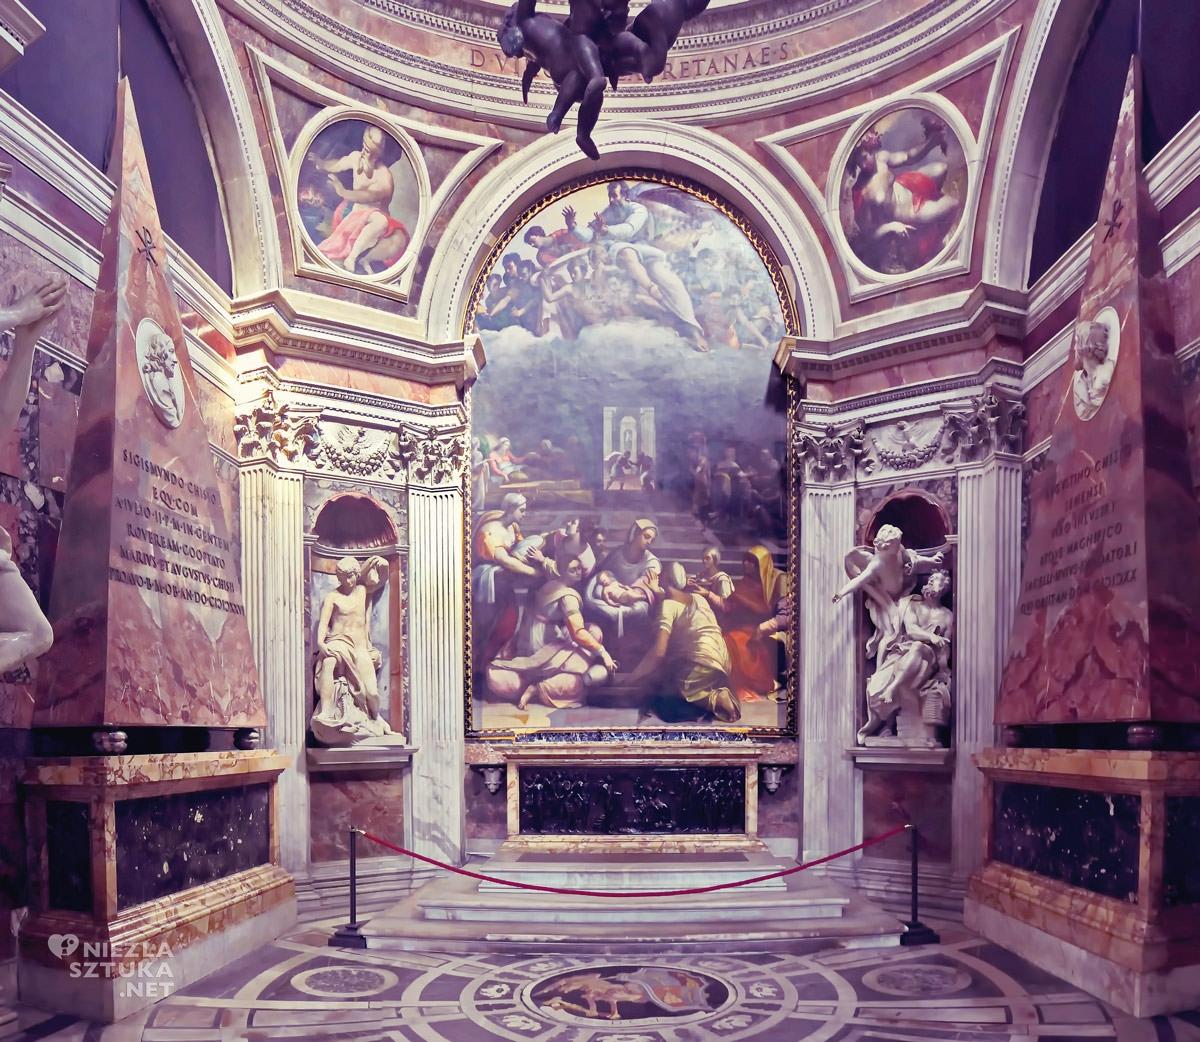 Gian Lorenzo Bernini, kościół Santa Maria del Popolo, kaplica Chigi, sztuka włoska, rzeźba, Rzym, przewodnik po Rzymie, sztuka w Rzymie, Niezła sztuka